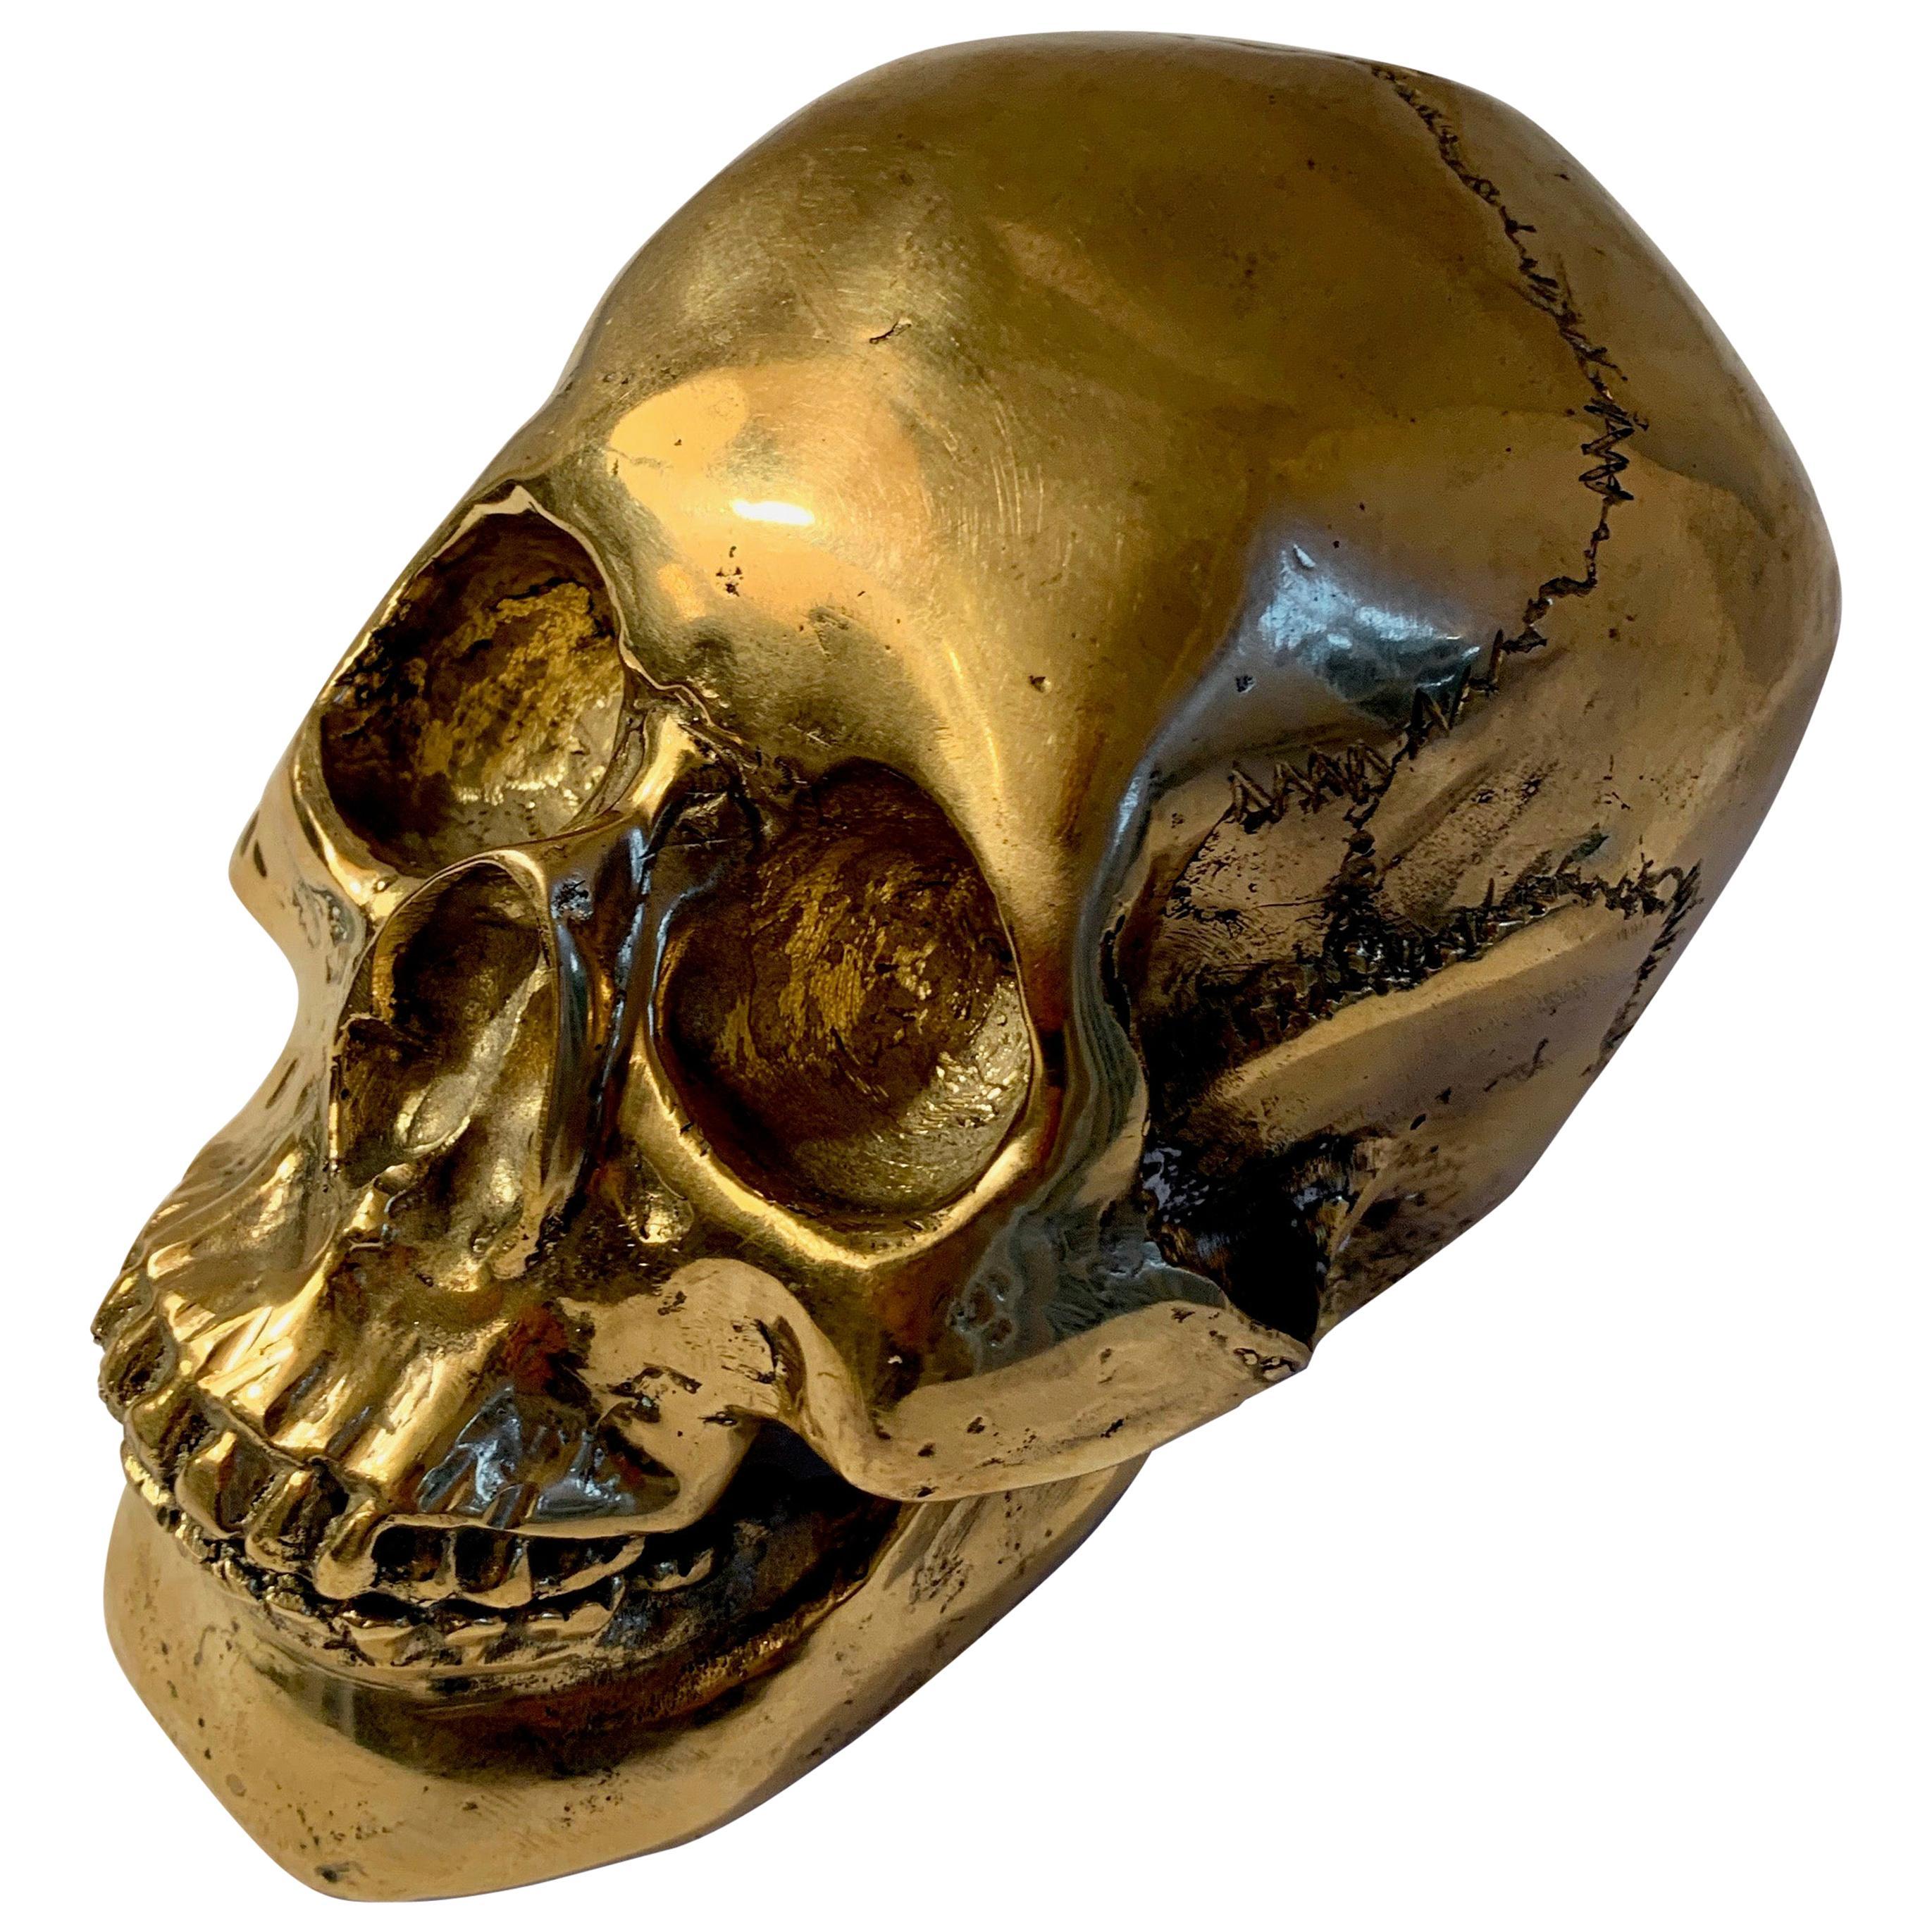 Brass Skull Sculpture Bookend